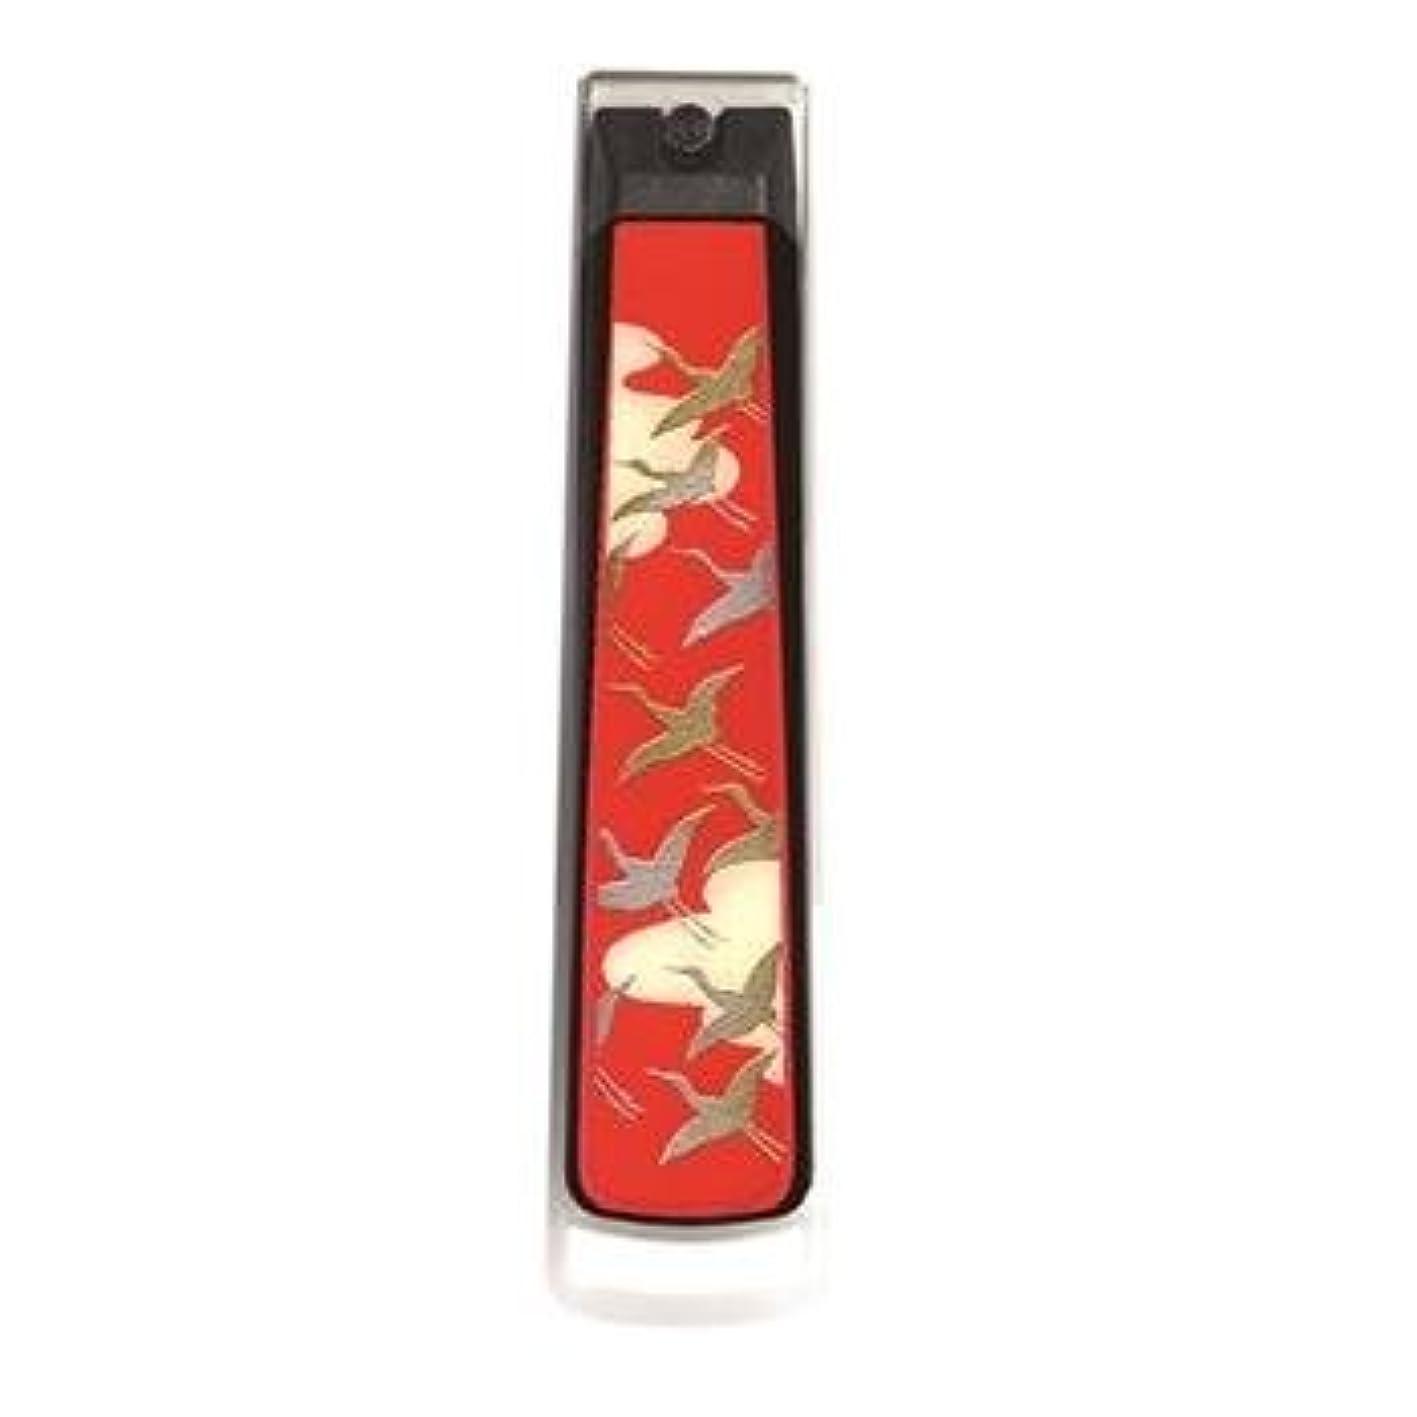 電子見てテーブル紀州漆器 22-82-6I 蒔絵爪切り 桐箱入り 千羽鶴(曙) サイズ 2.4×10.5×2.1cm